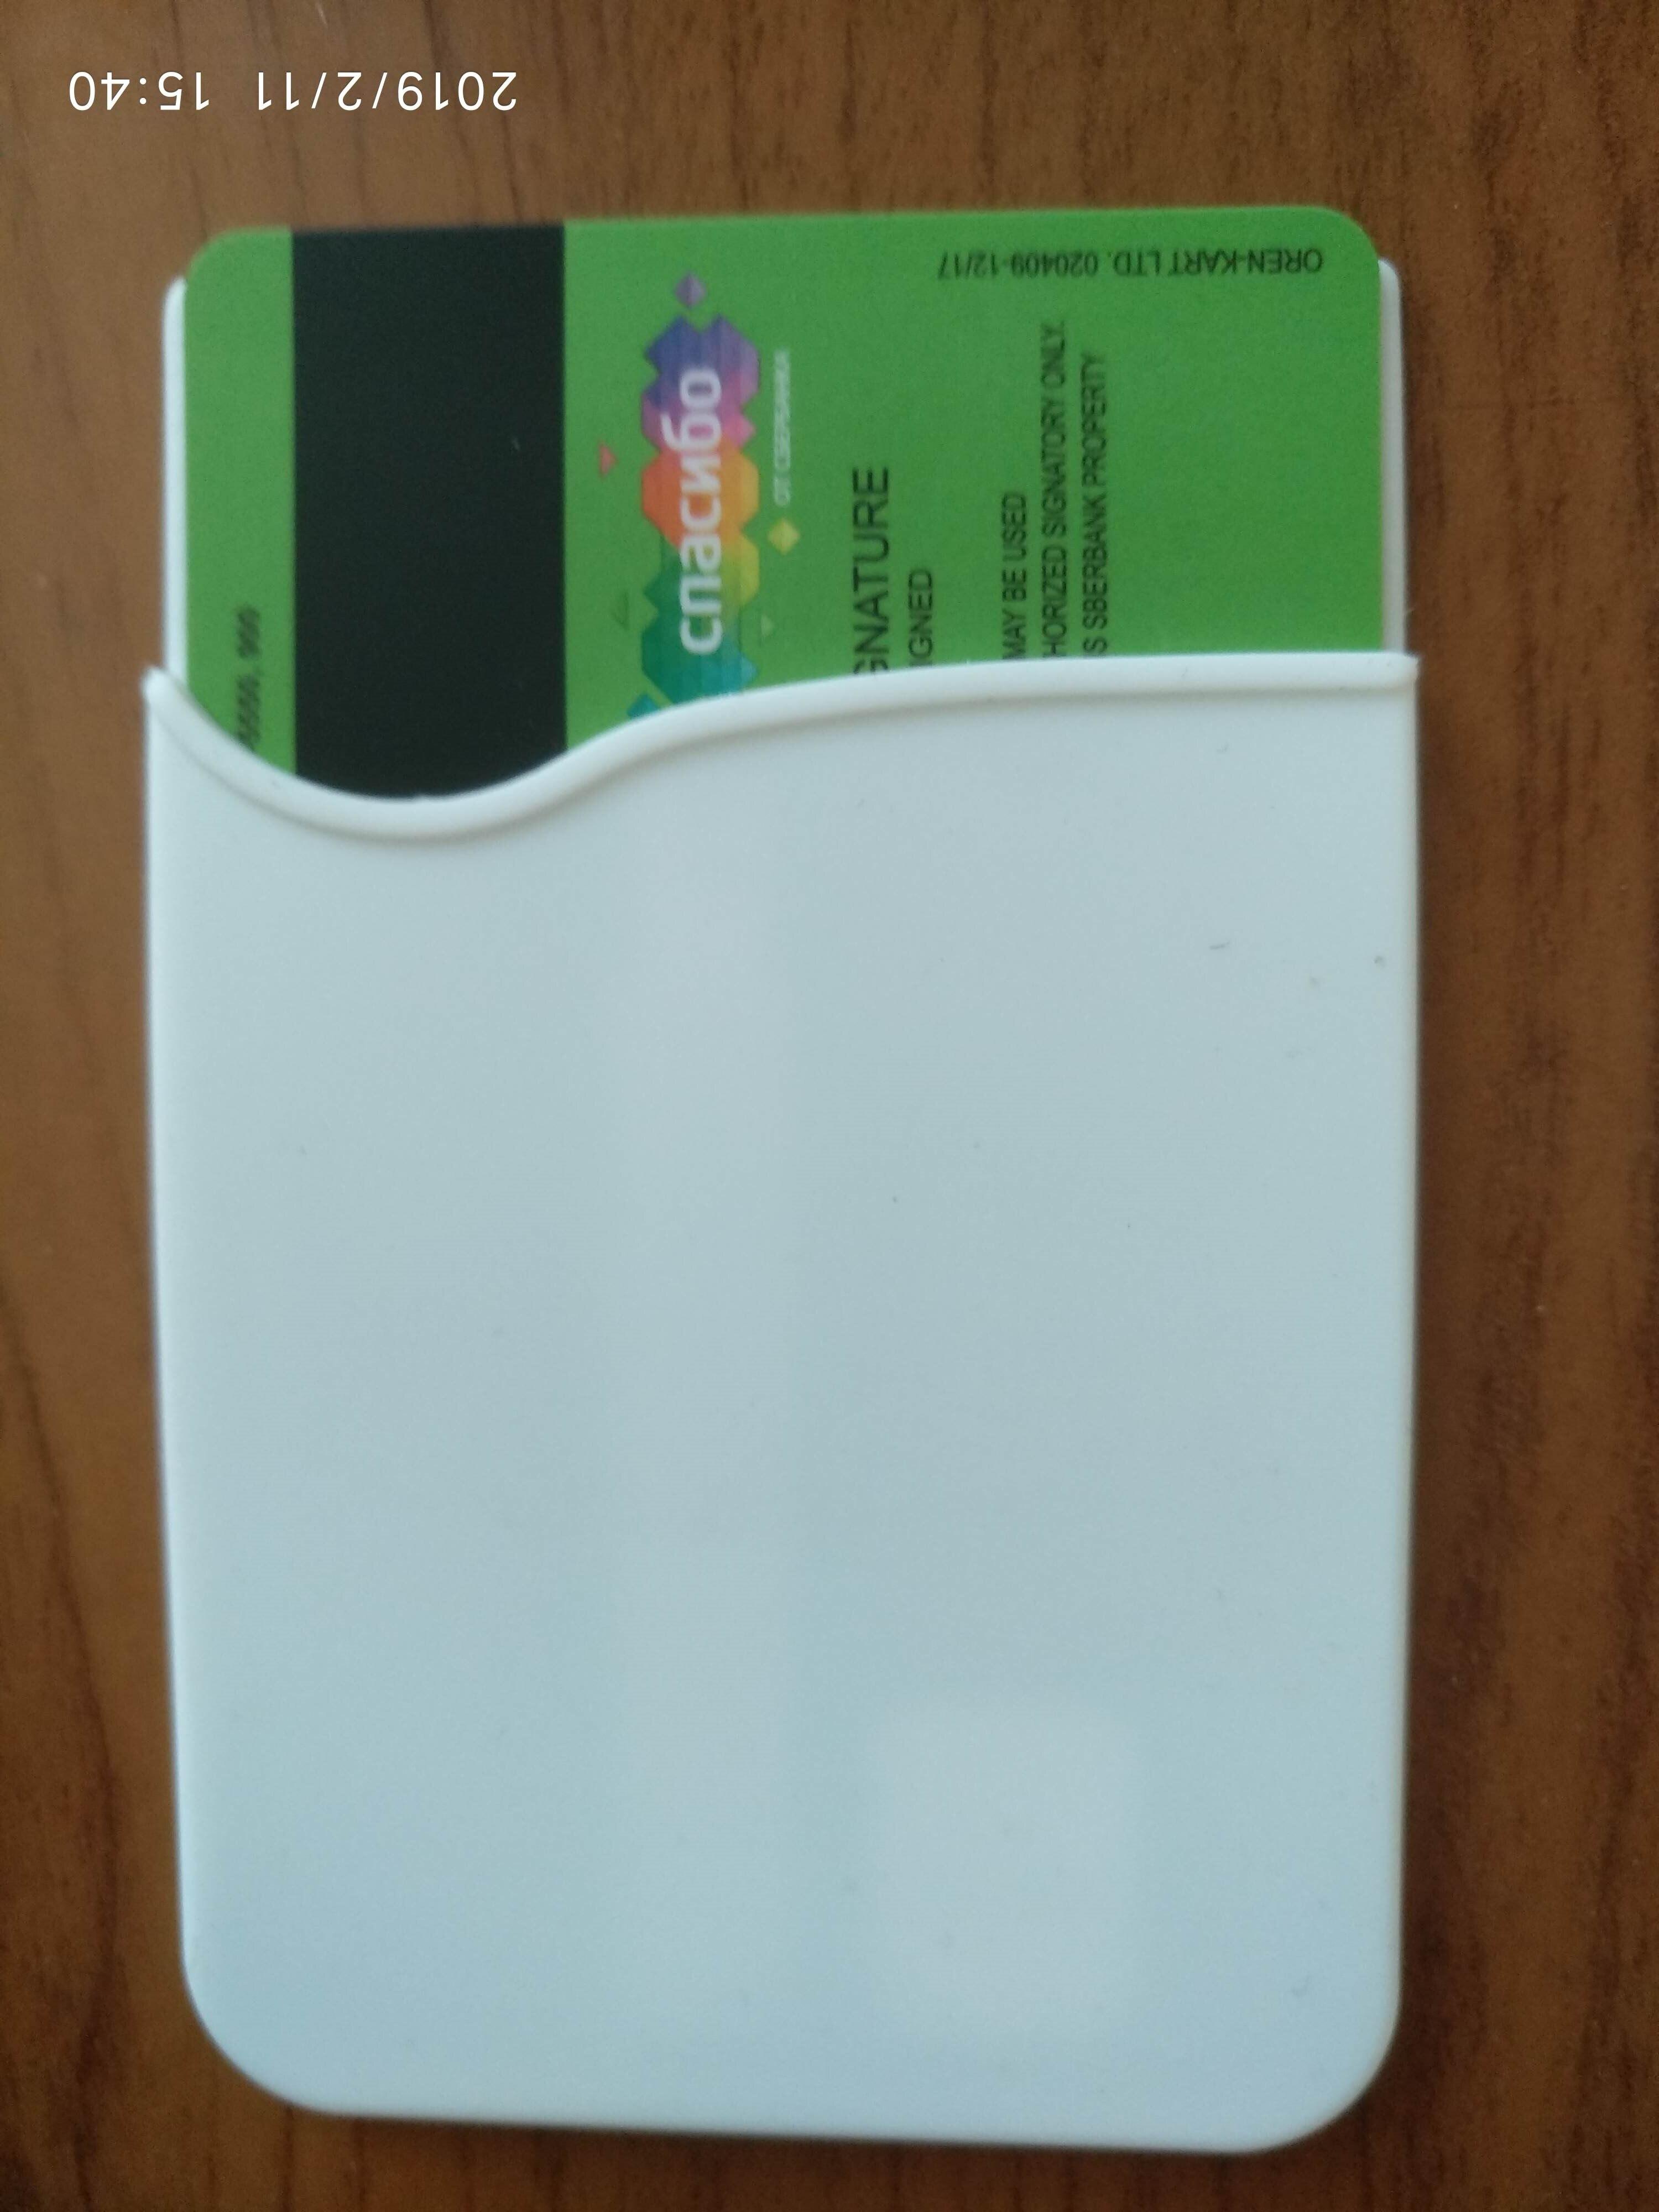 Zakelijk Credit Pocket Kleefmiddel Mode Dames Heren Mobiele Telefoon Houder ID Kaarthouder Slim Case sticker kopen 50 stuks hebben korting photo review